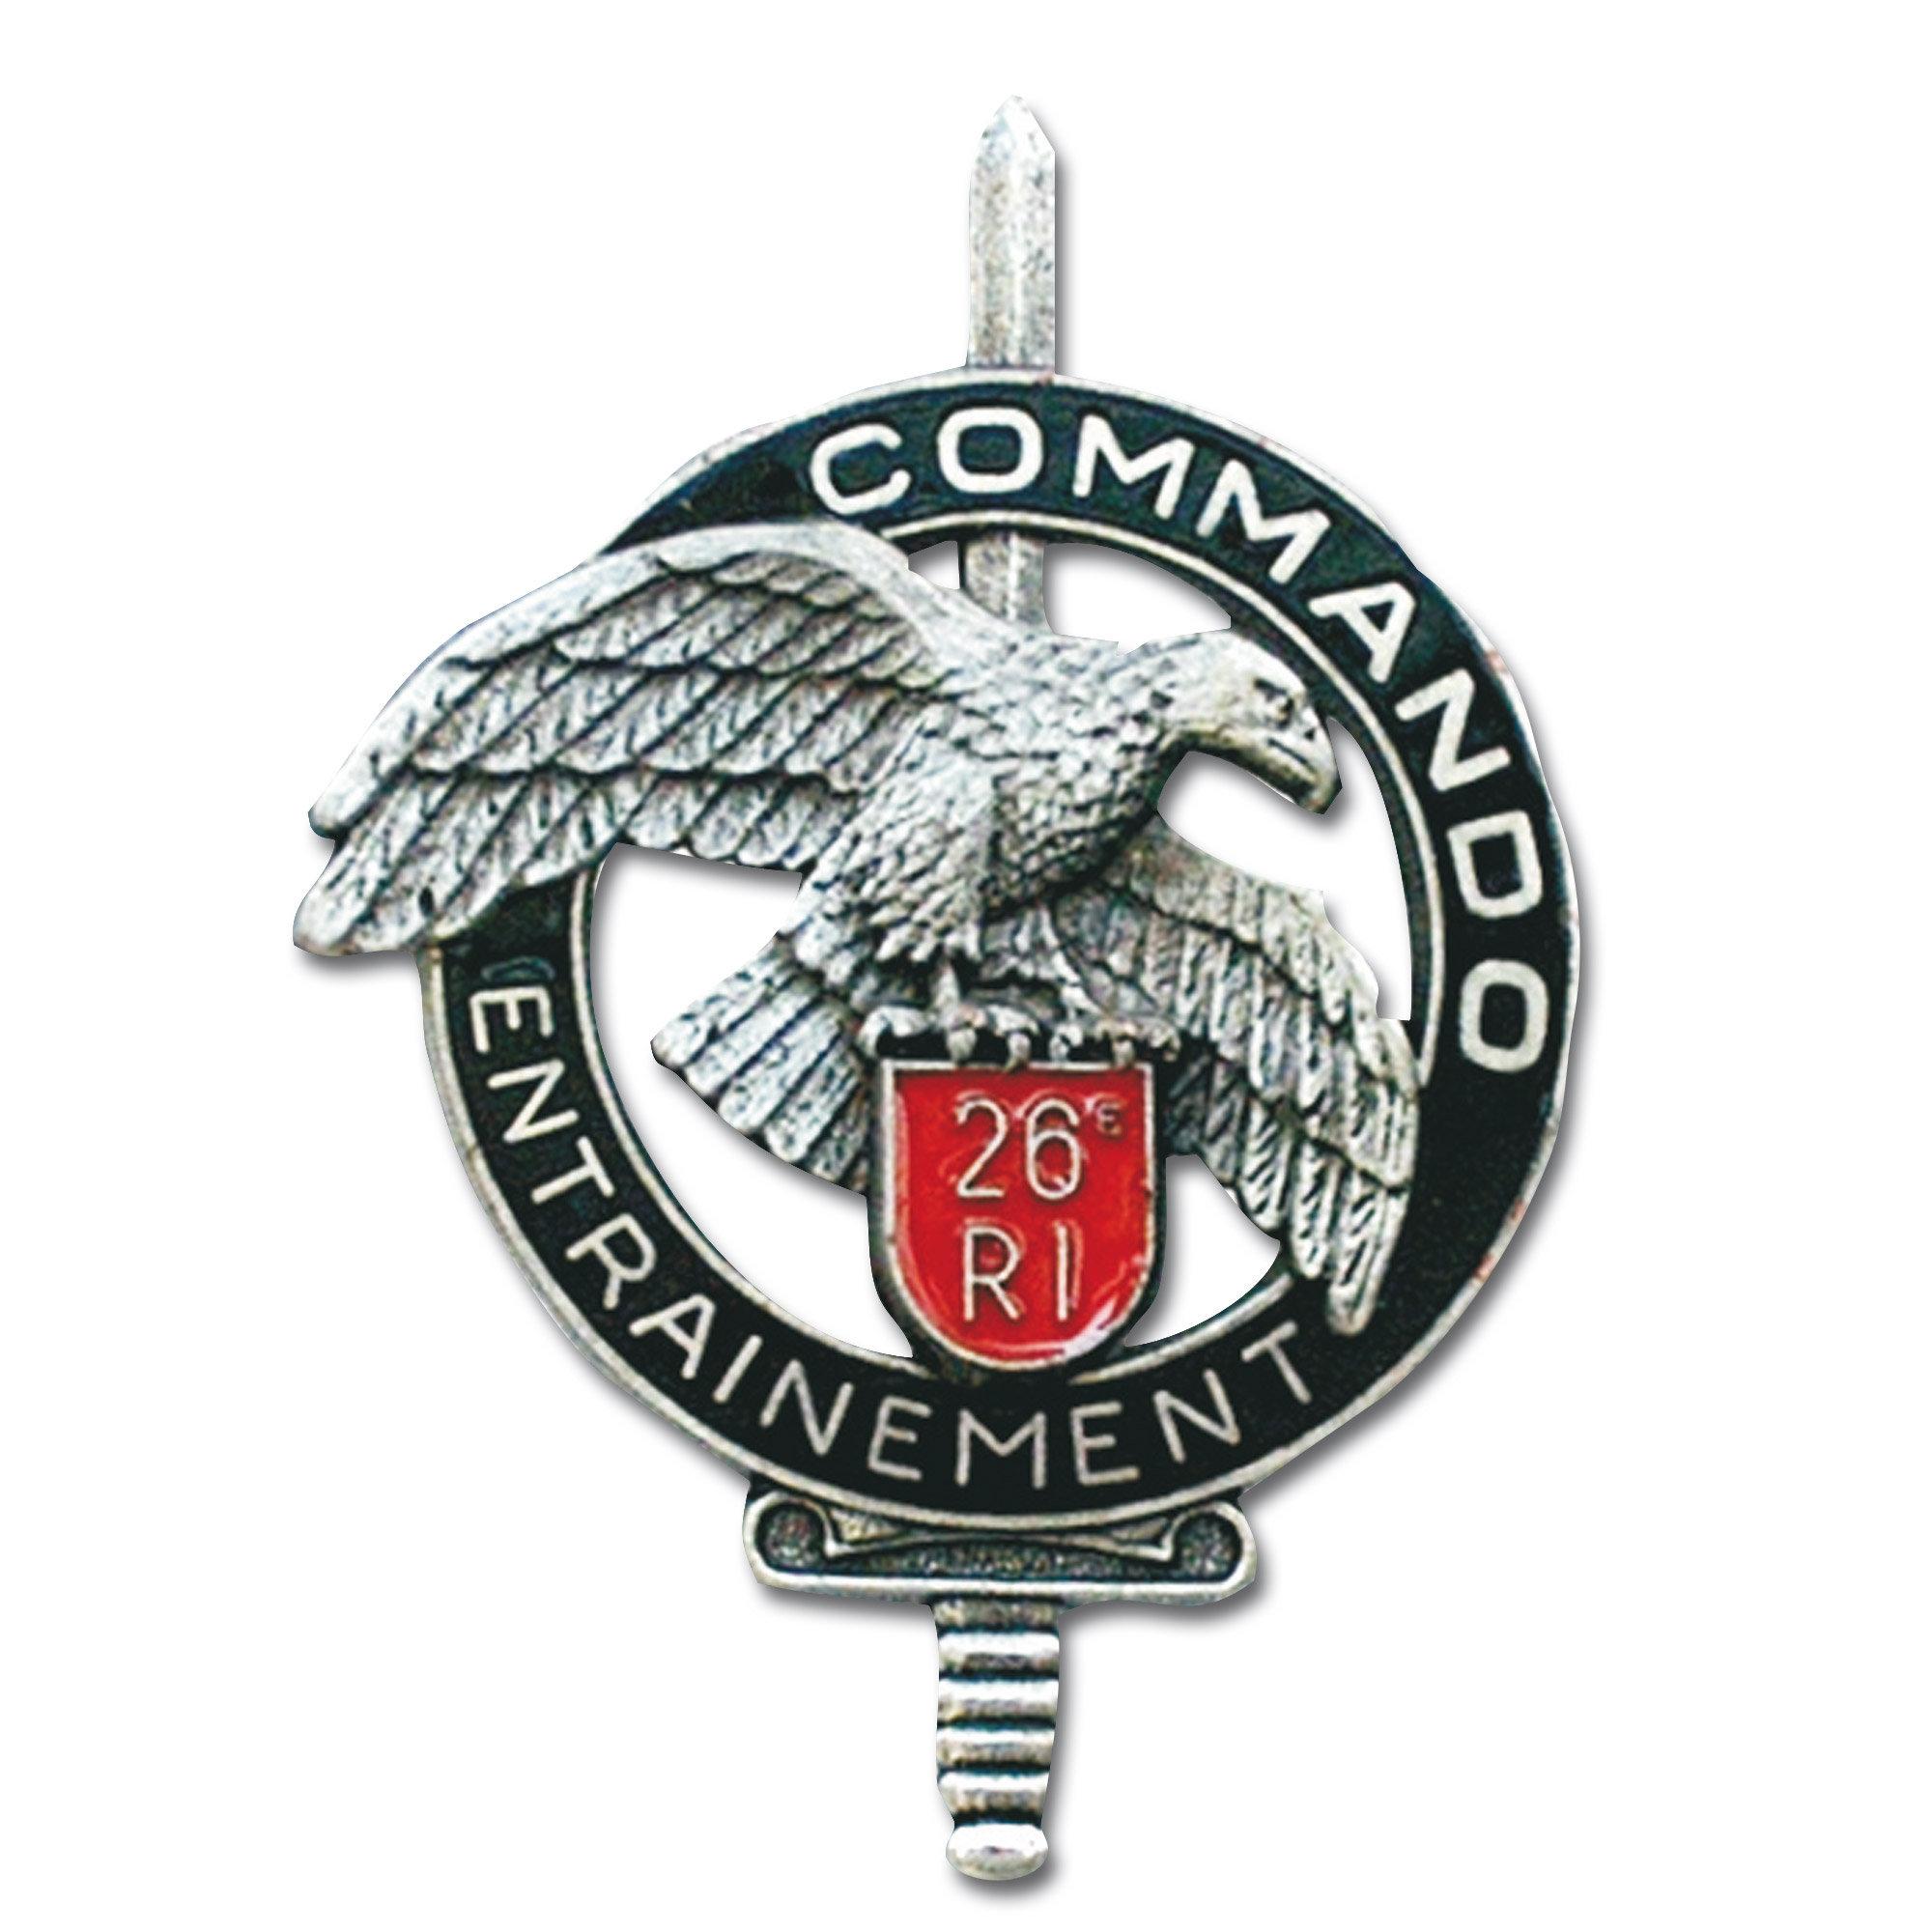 French metall insignia CEC 26e RI